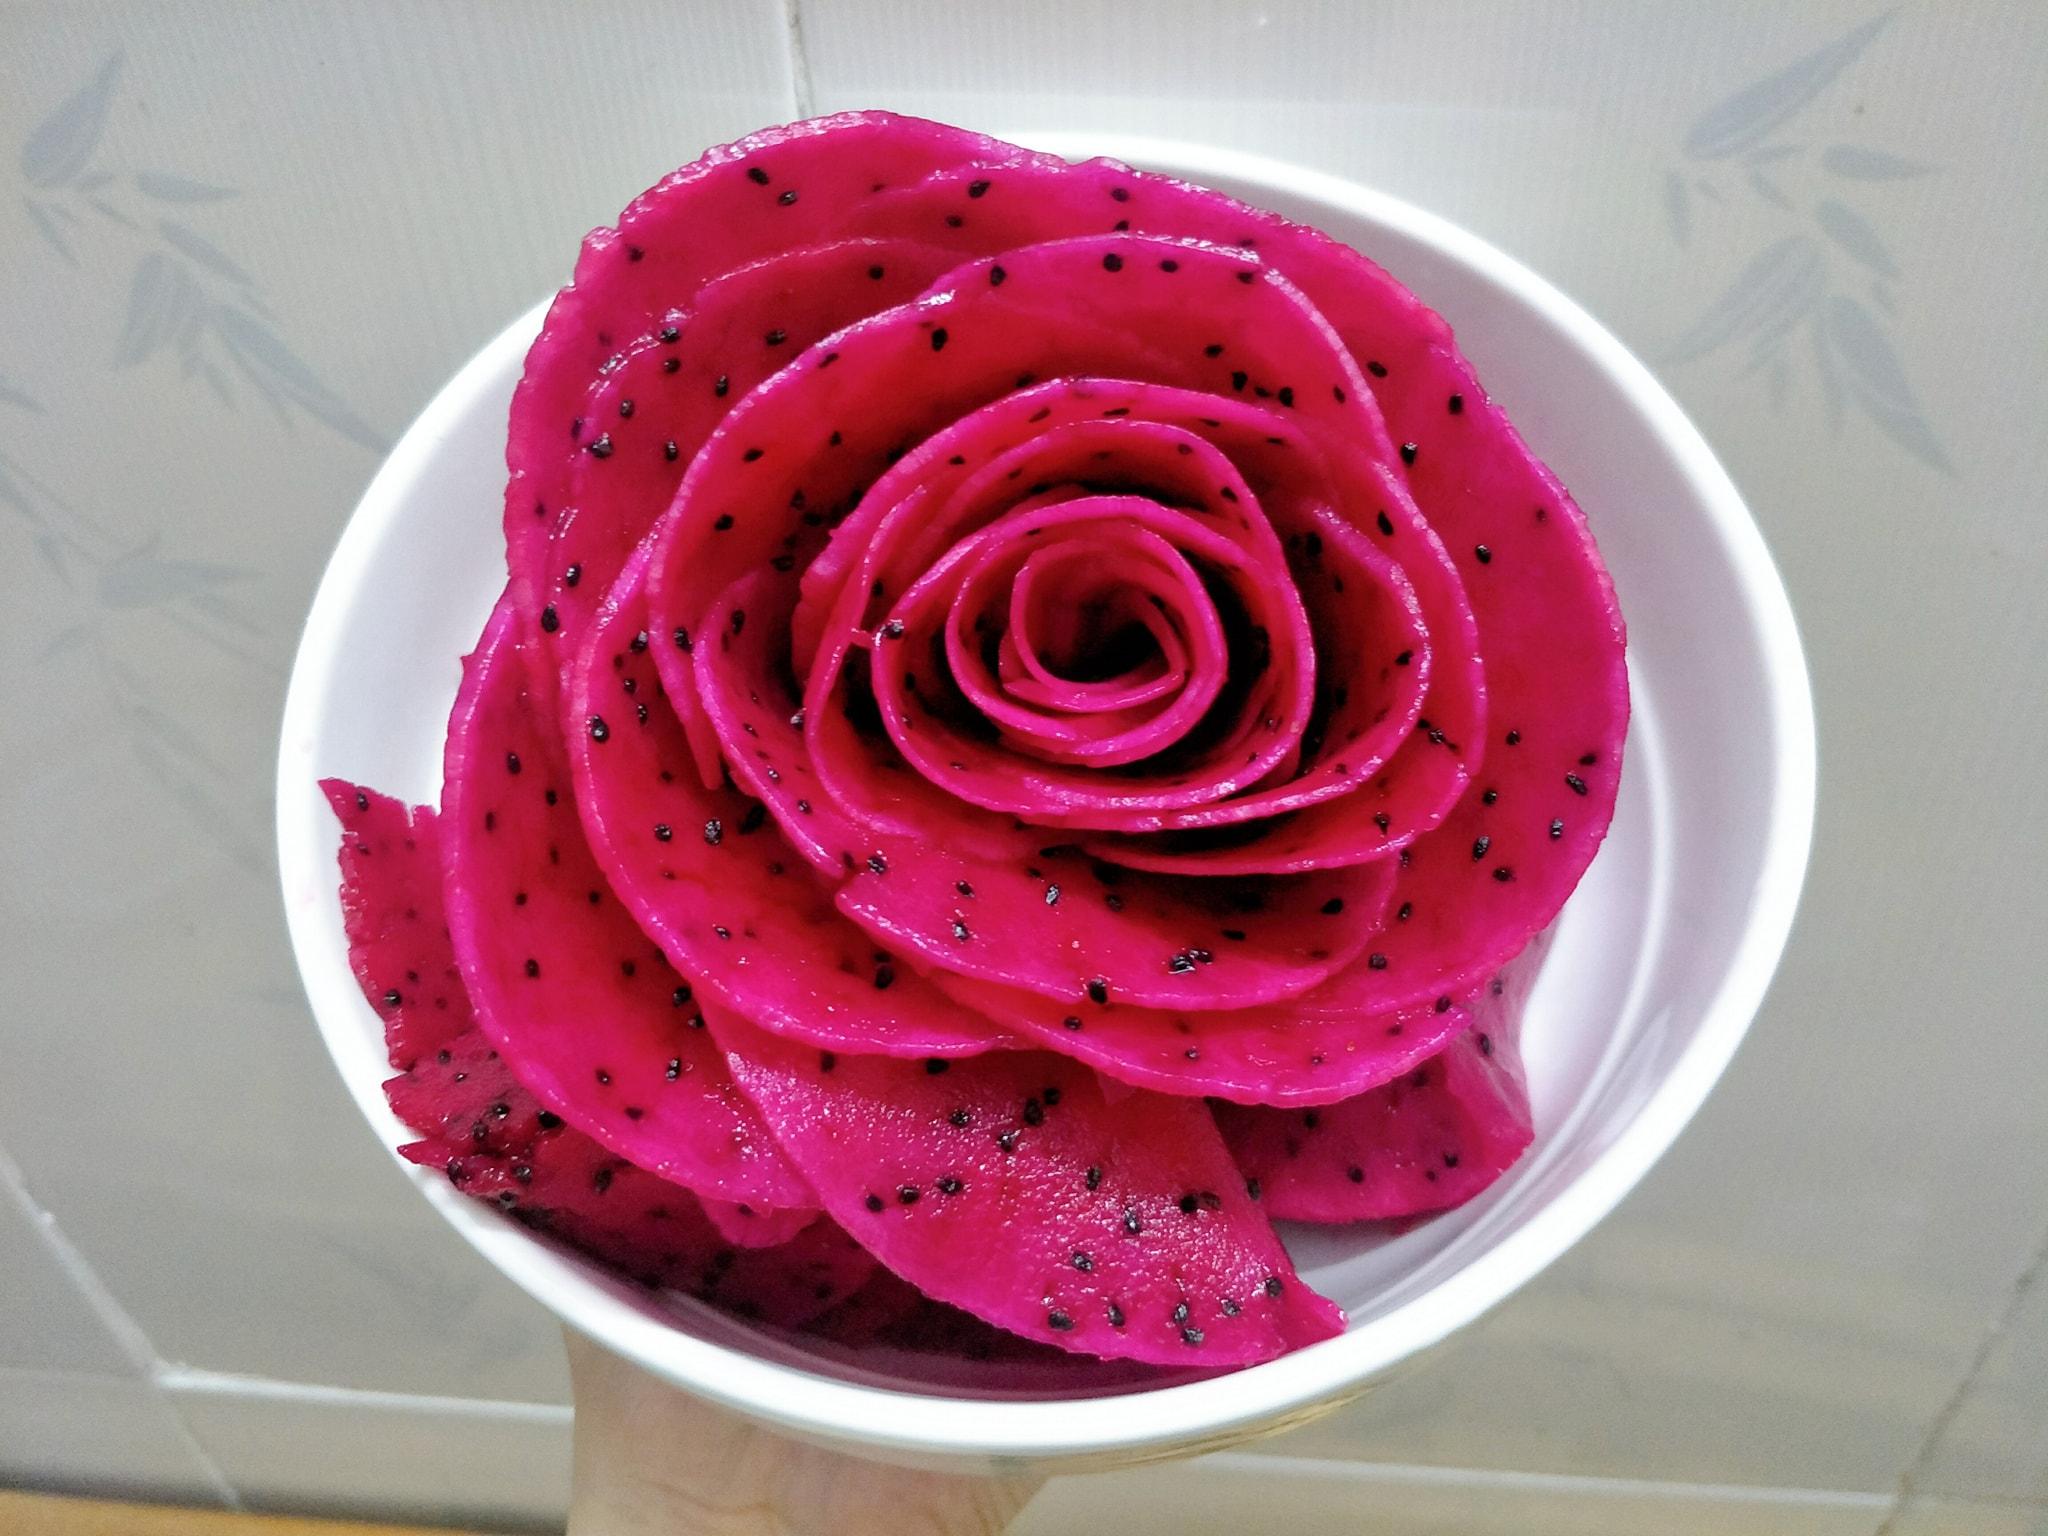 Mách bạn cách tỉa hoa quả thành hình hoa hồng xinh xắn, đơn giản, chị em nào cũng làm được